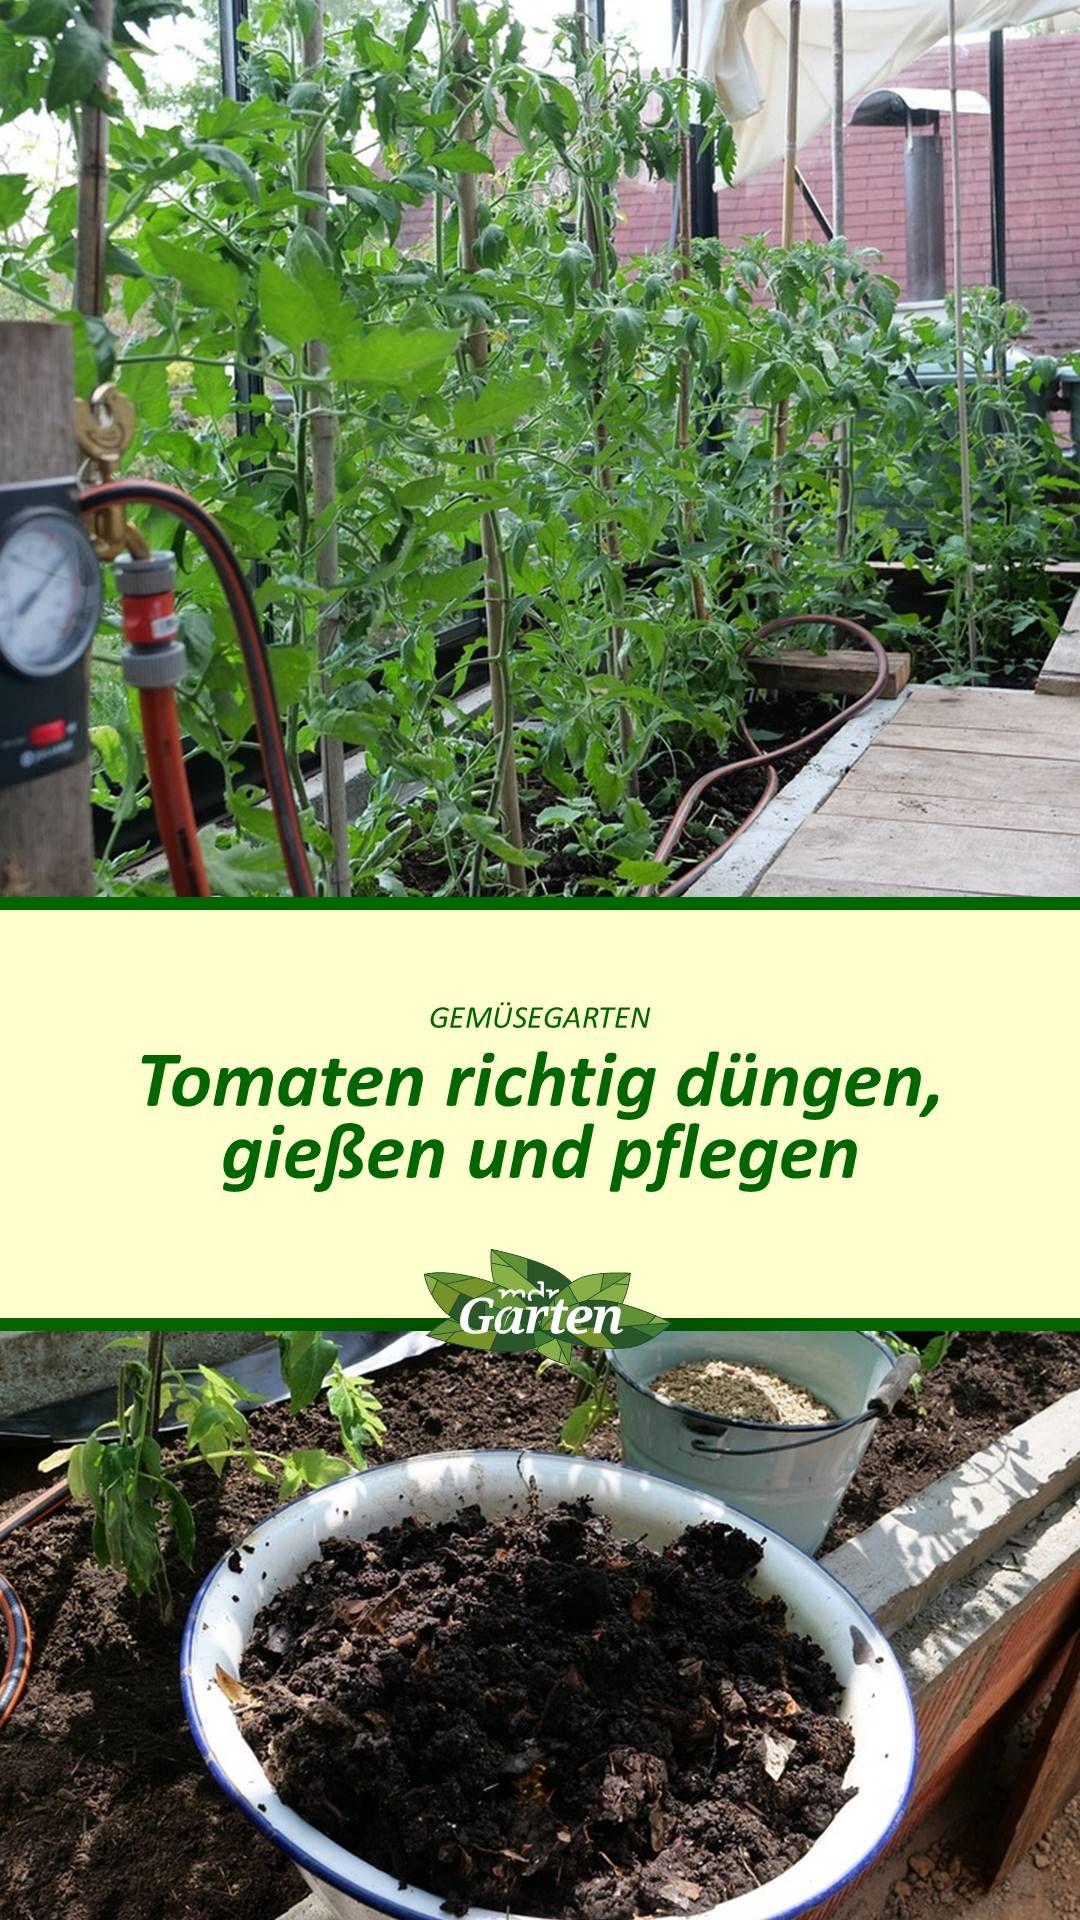 Tomaten Das Ganze Gartenjahr Richtig Versorgen Tomaten Garten Pflanzen Garten